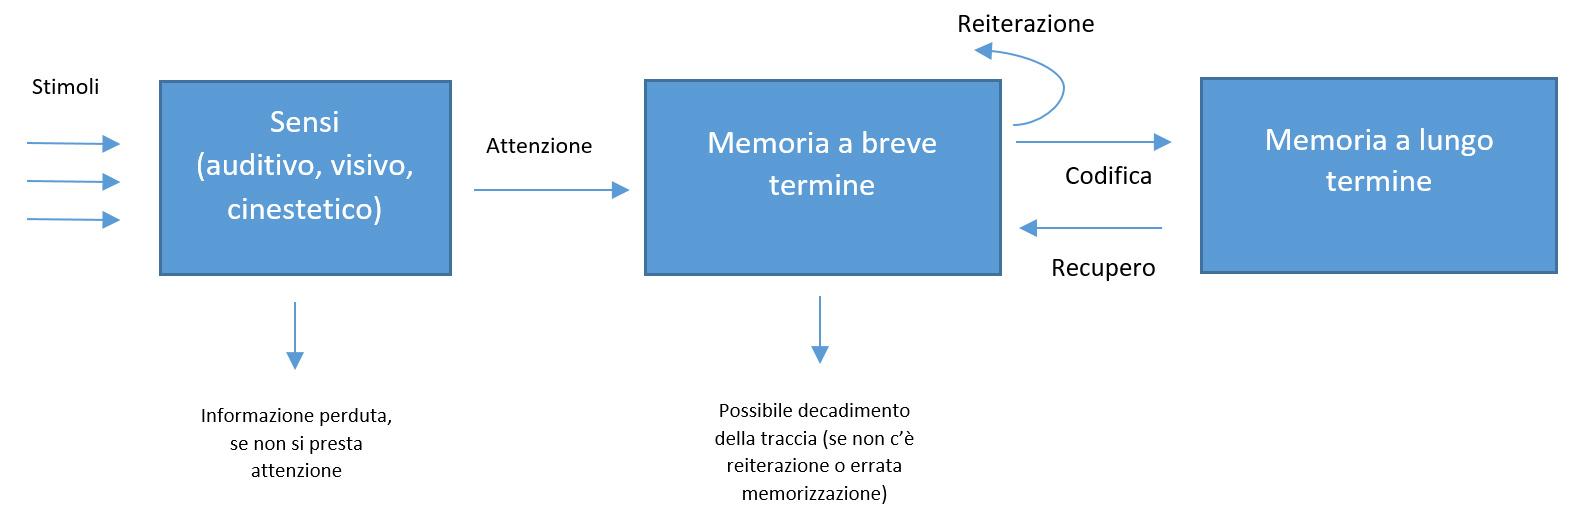 come funziona la memoria